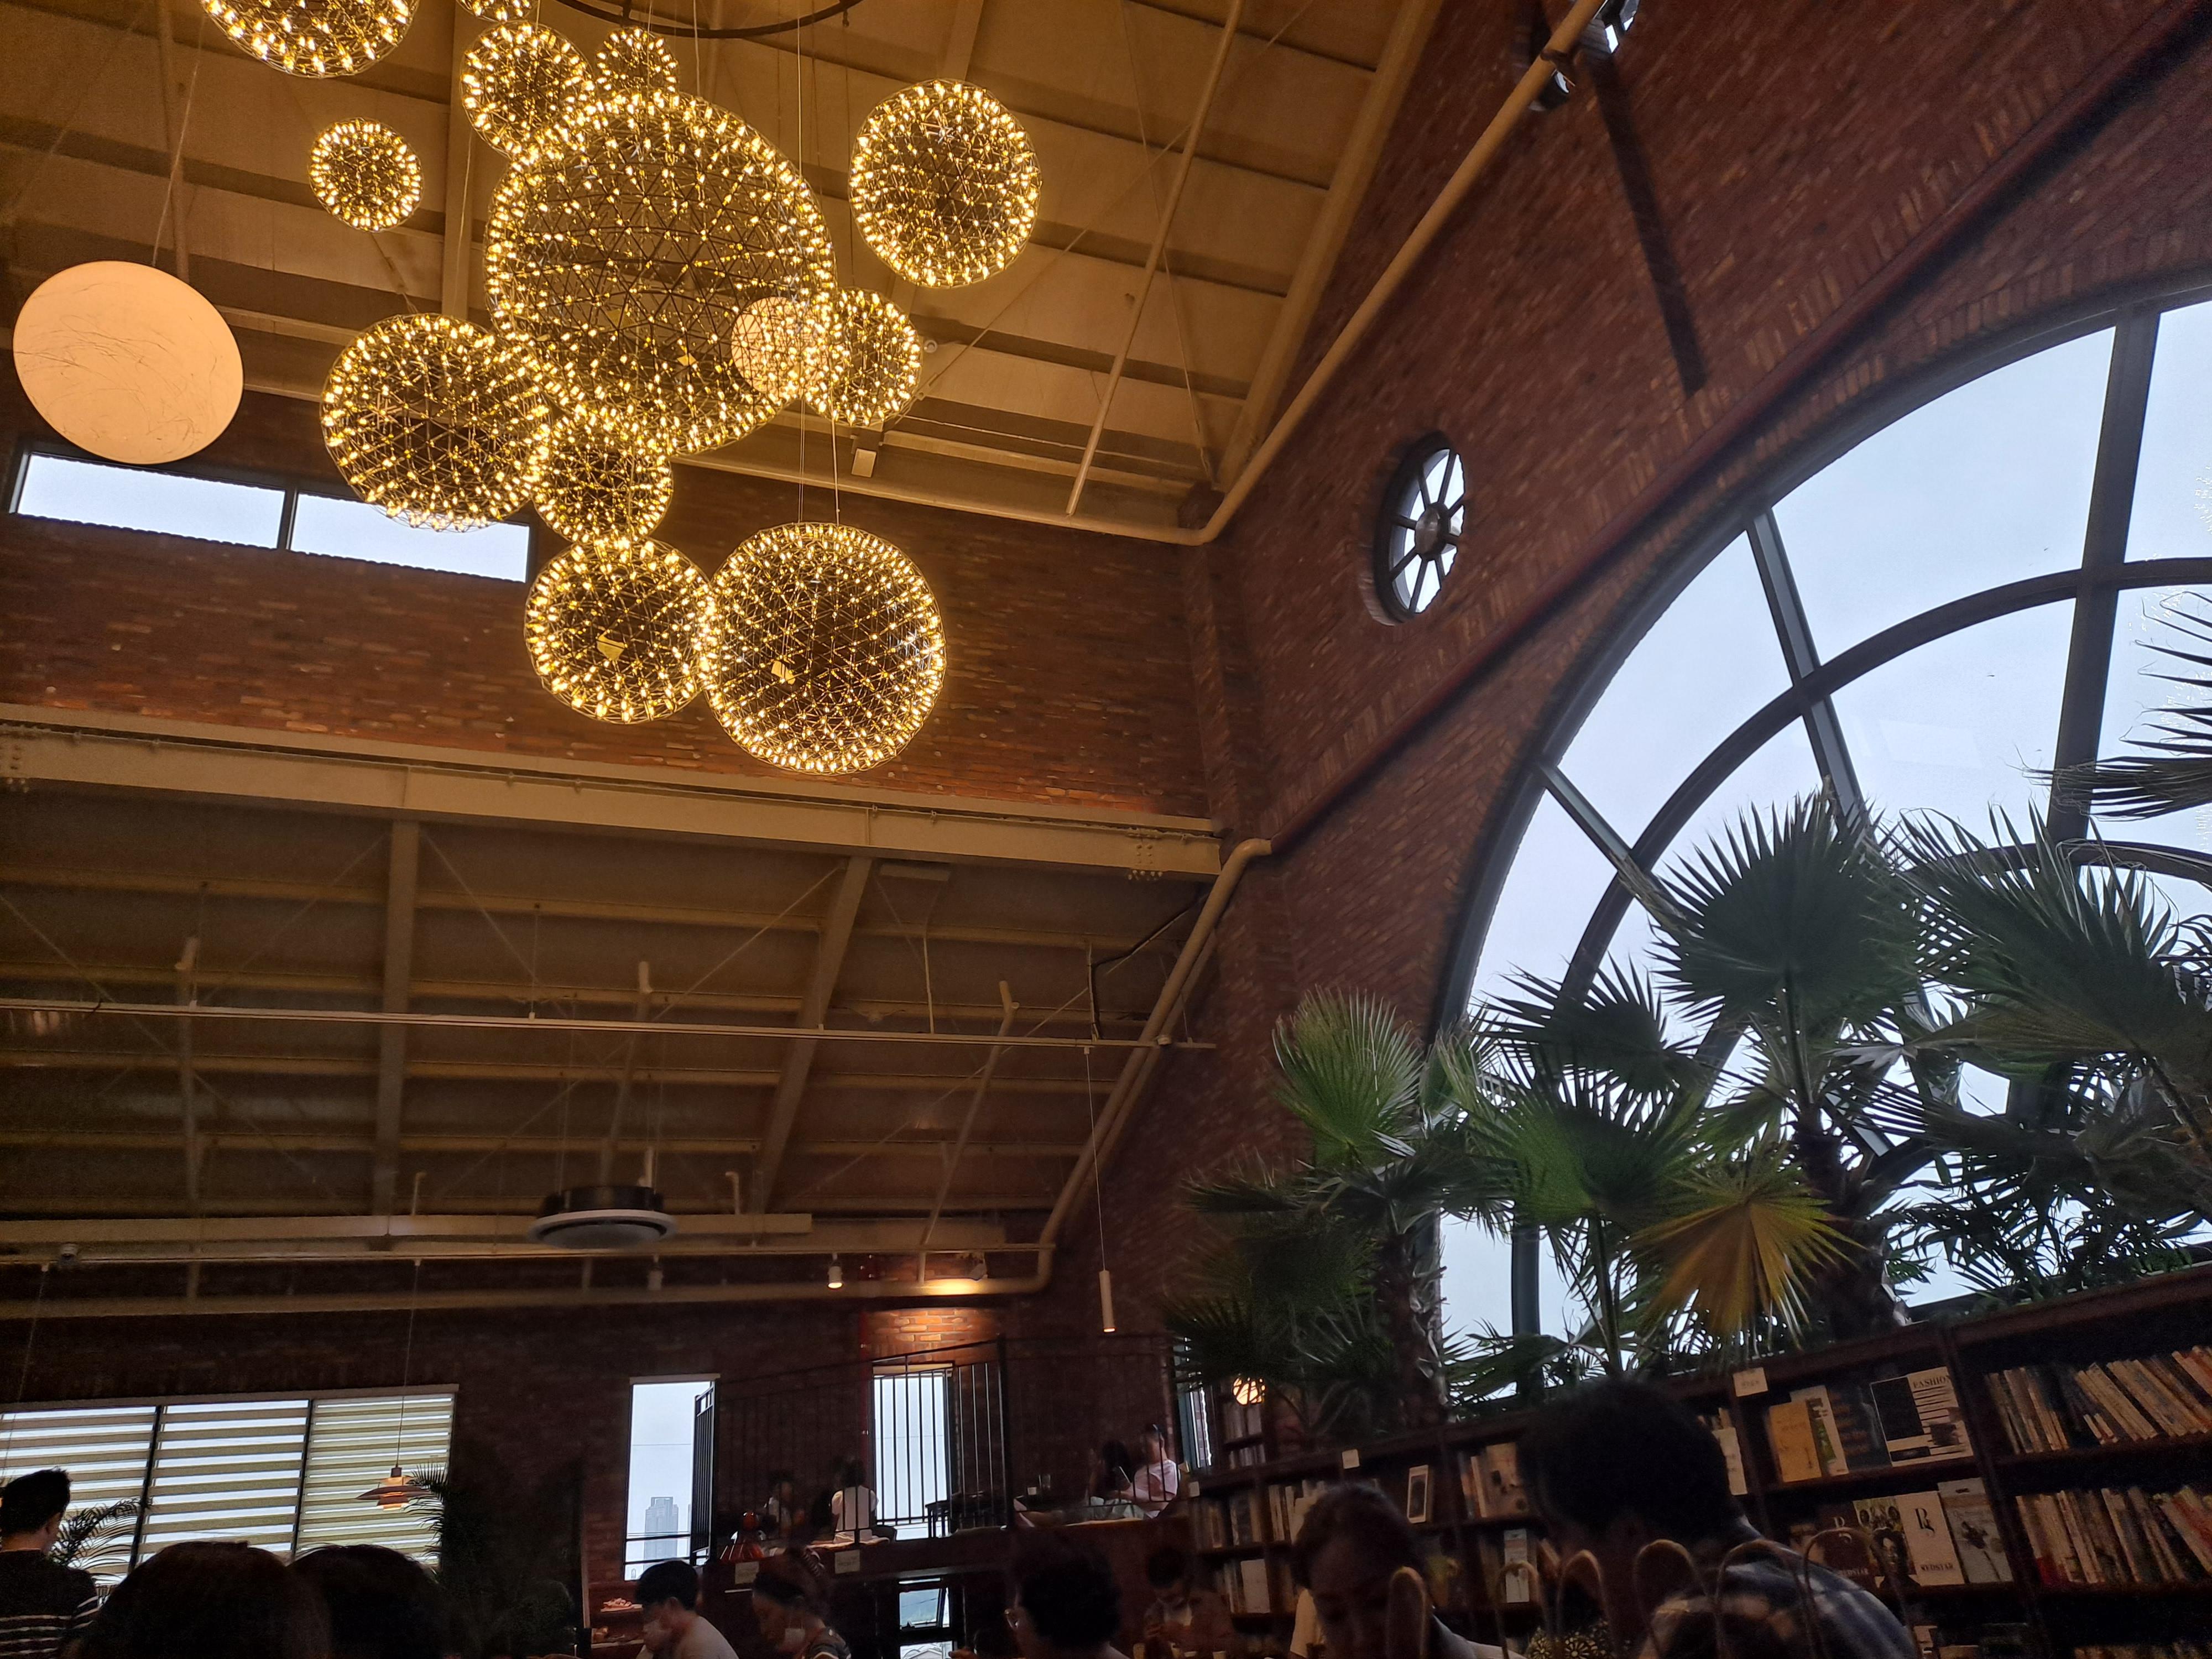 일산 조용한 숲속 카페 피콕그린에서 힐링.